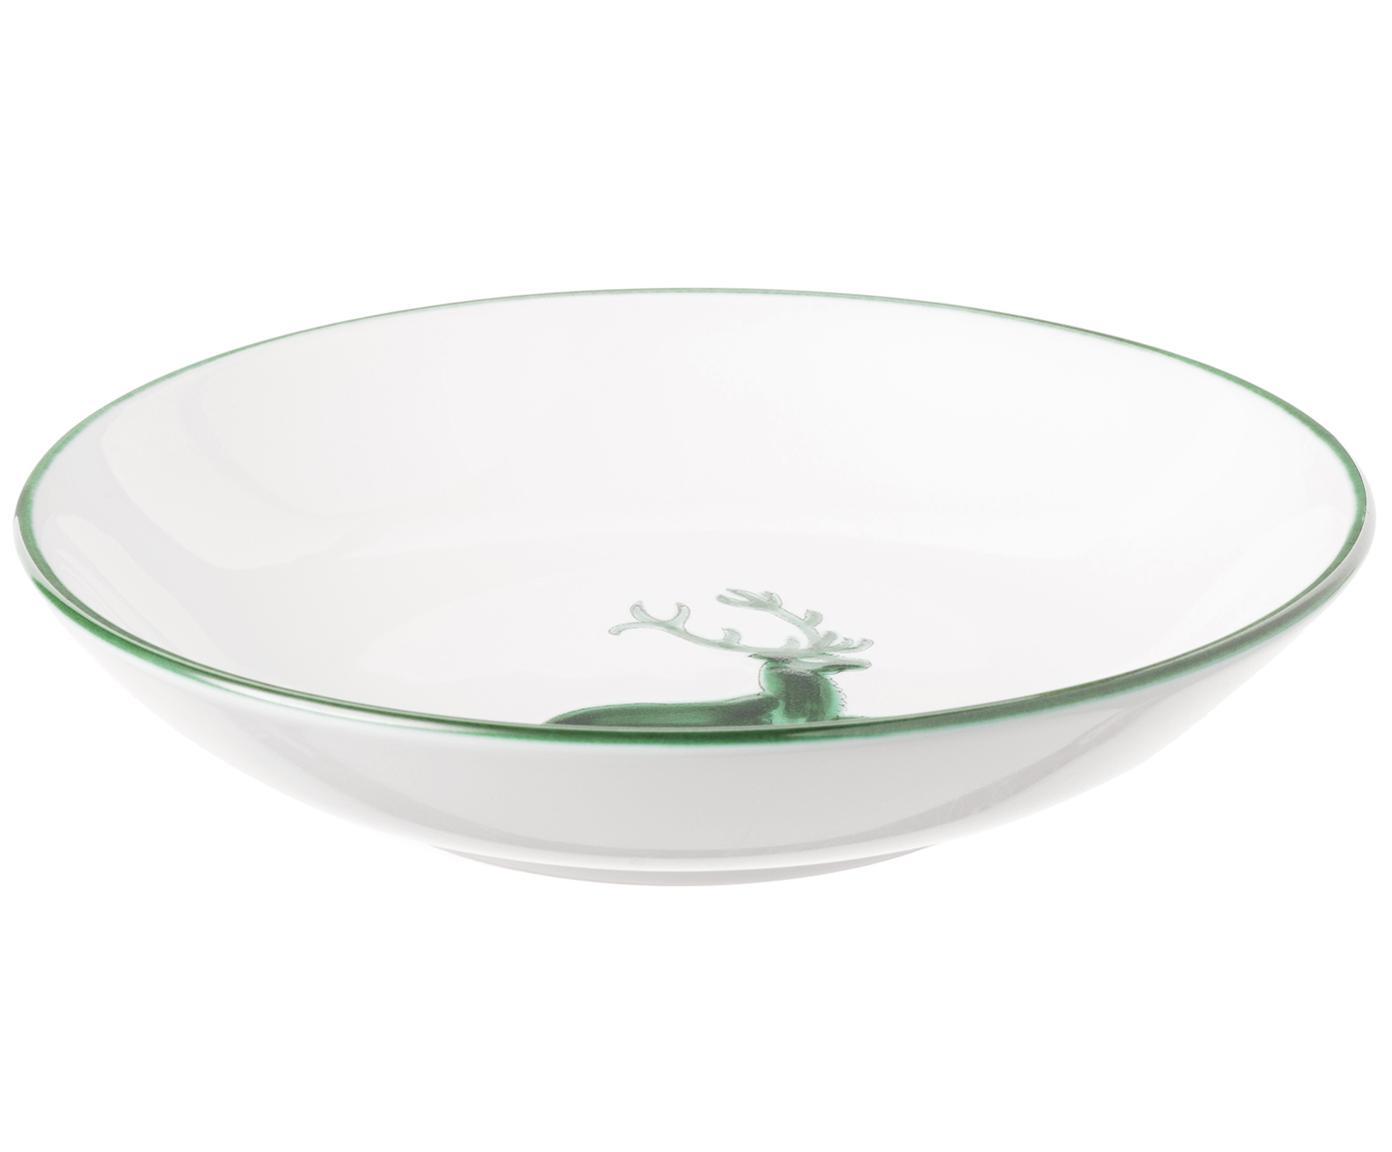 Piatto fondo con cervo verde Classic, Ceramica, Bianco, Ø 20 cm